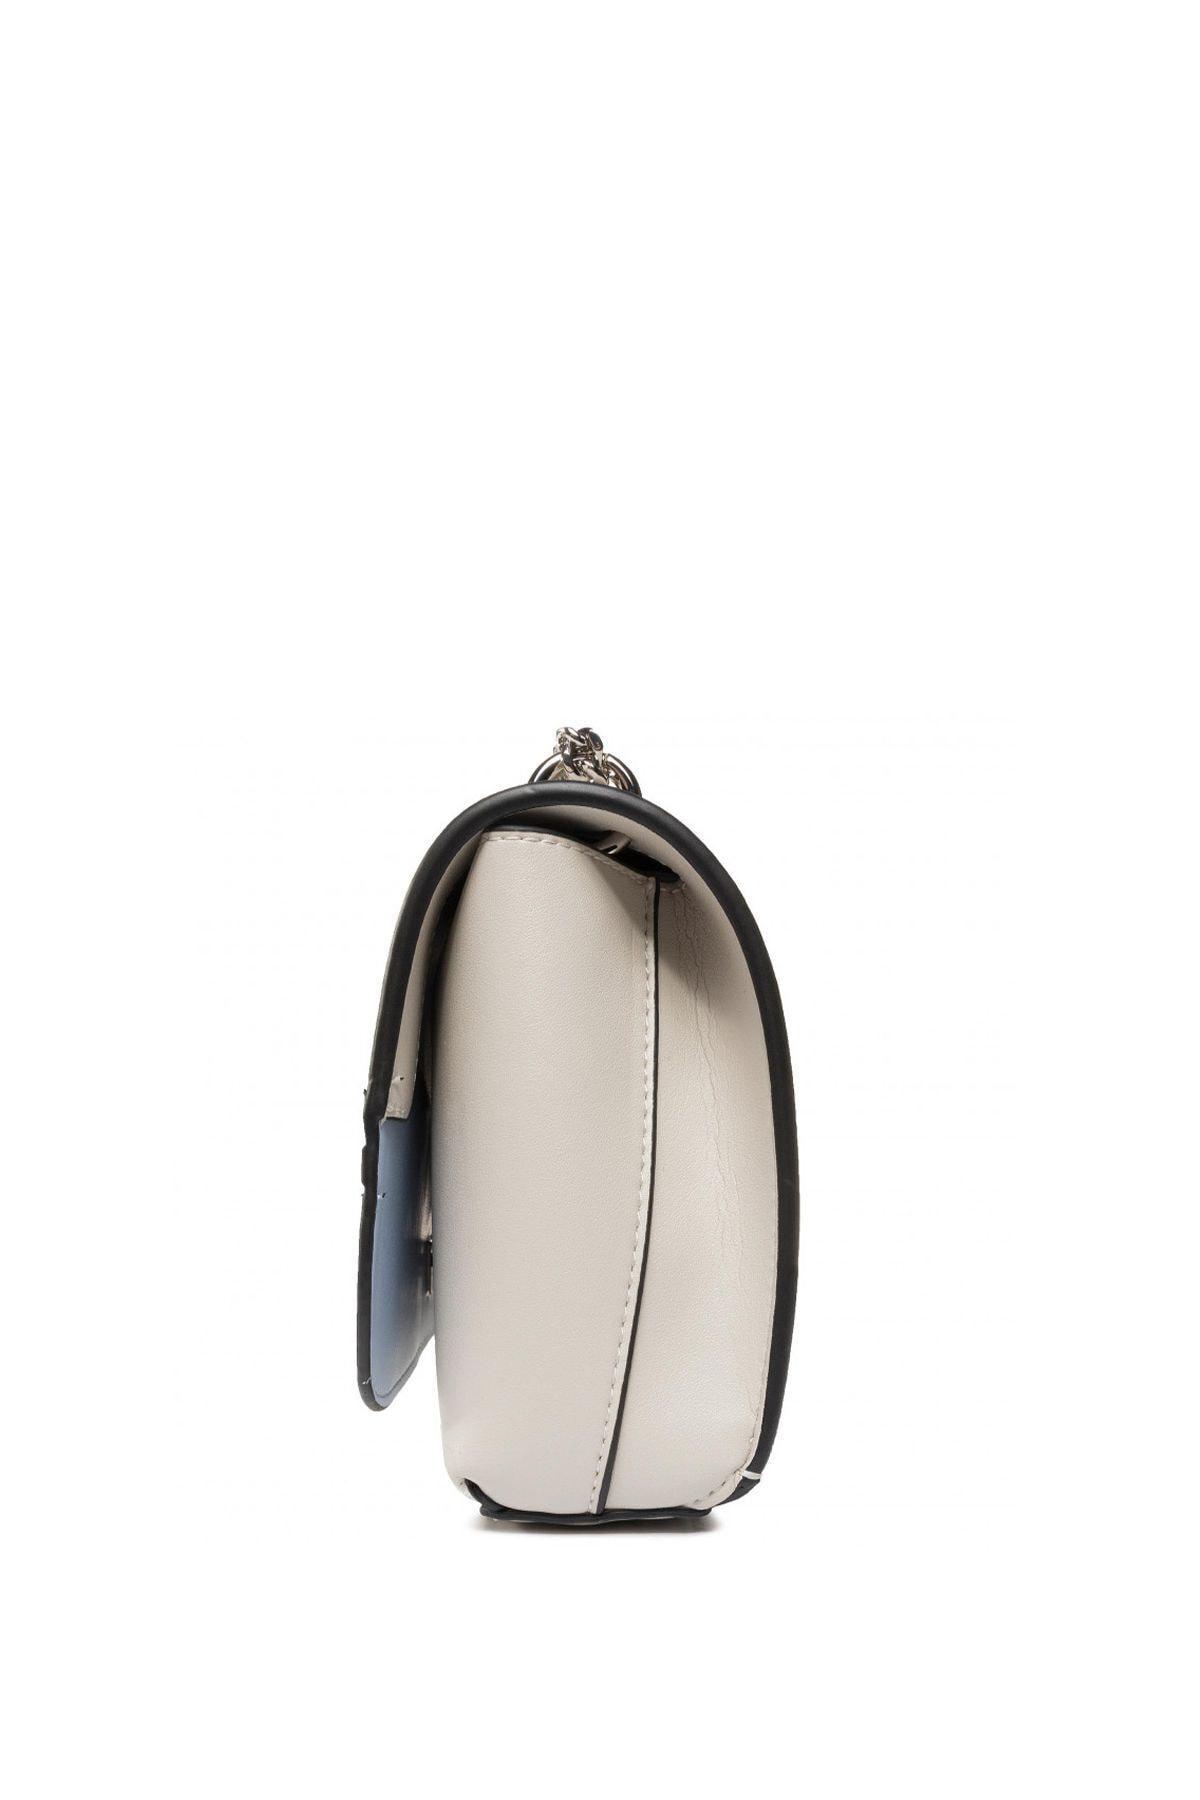 Calvin Klein Kadın Beyaz Ckj Sculpted Flap Ew Xbody Çapraz Askılı Çantası K60k606572 2